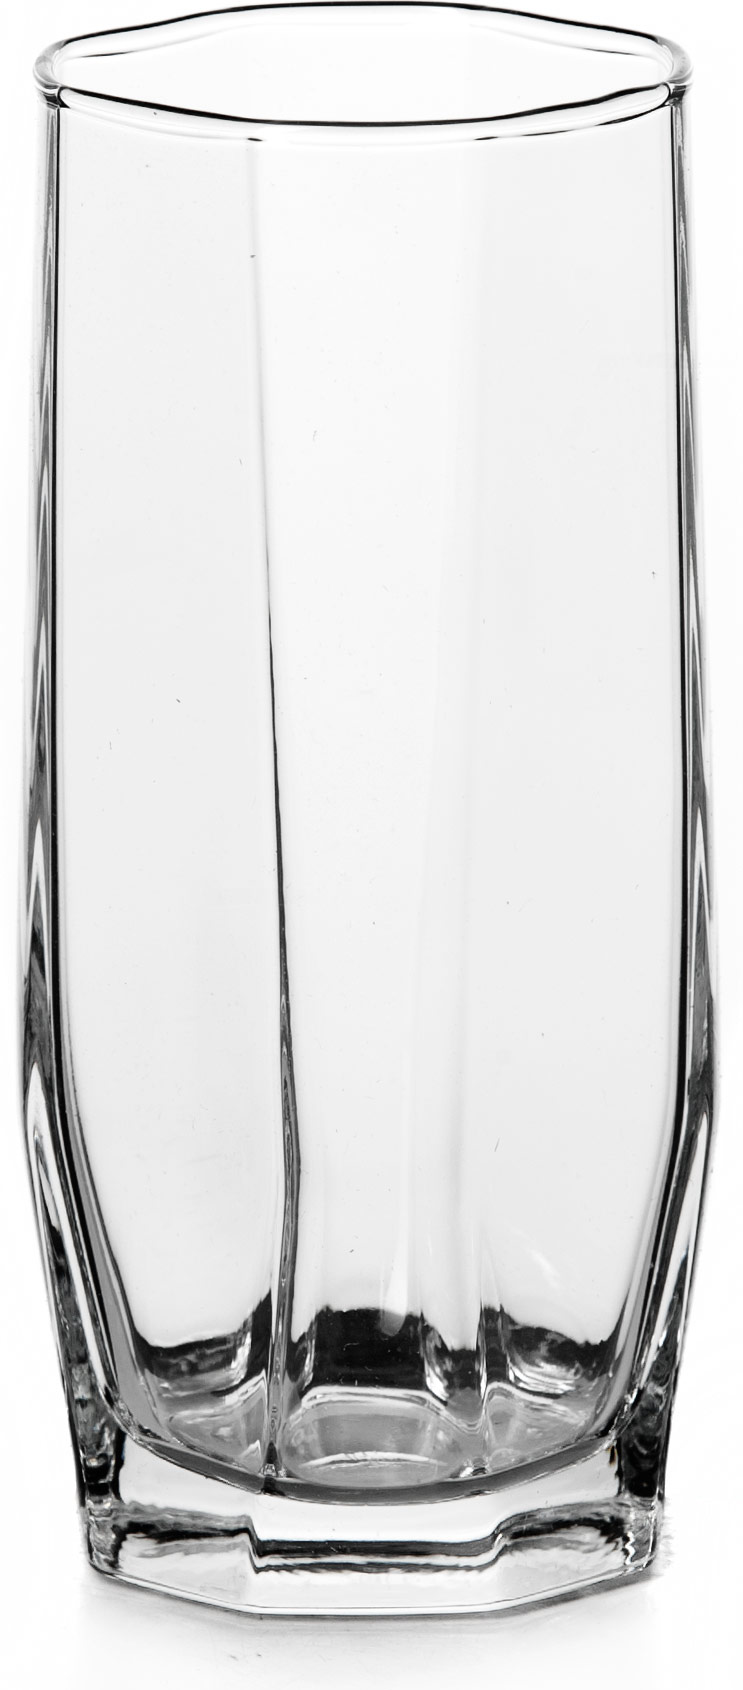 Набор стаканов для коктейлей Pasabahce Hisar, 275 мл, 6 шт набор трубочек для коктейлей кристалл с изгибом 250 шт